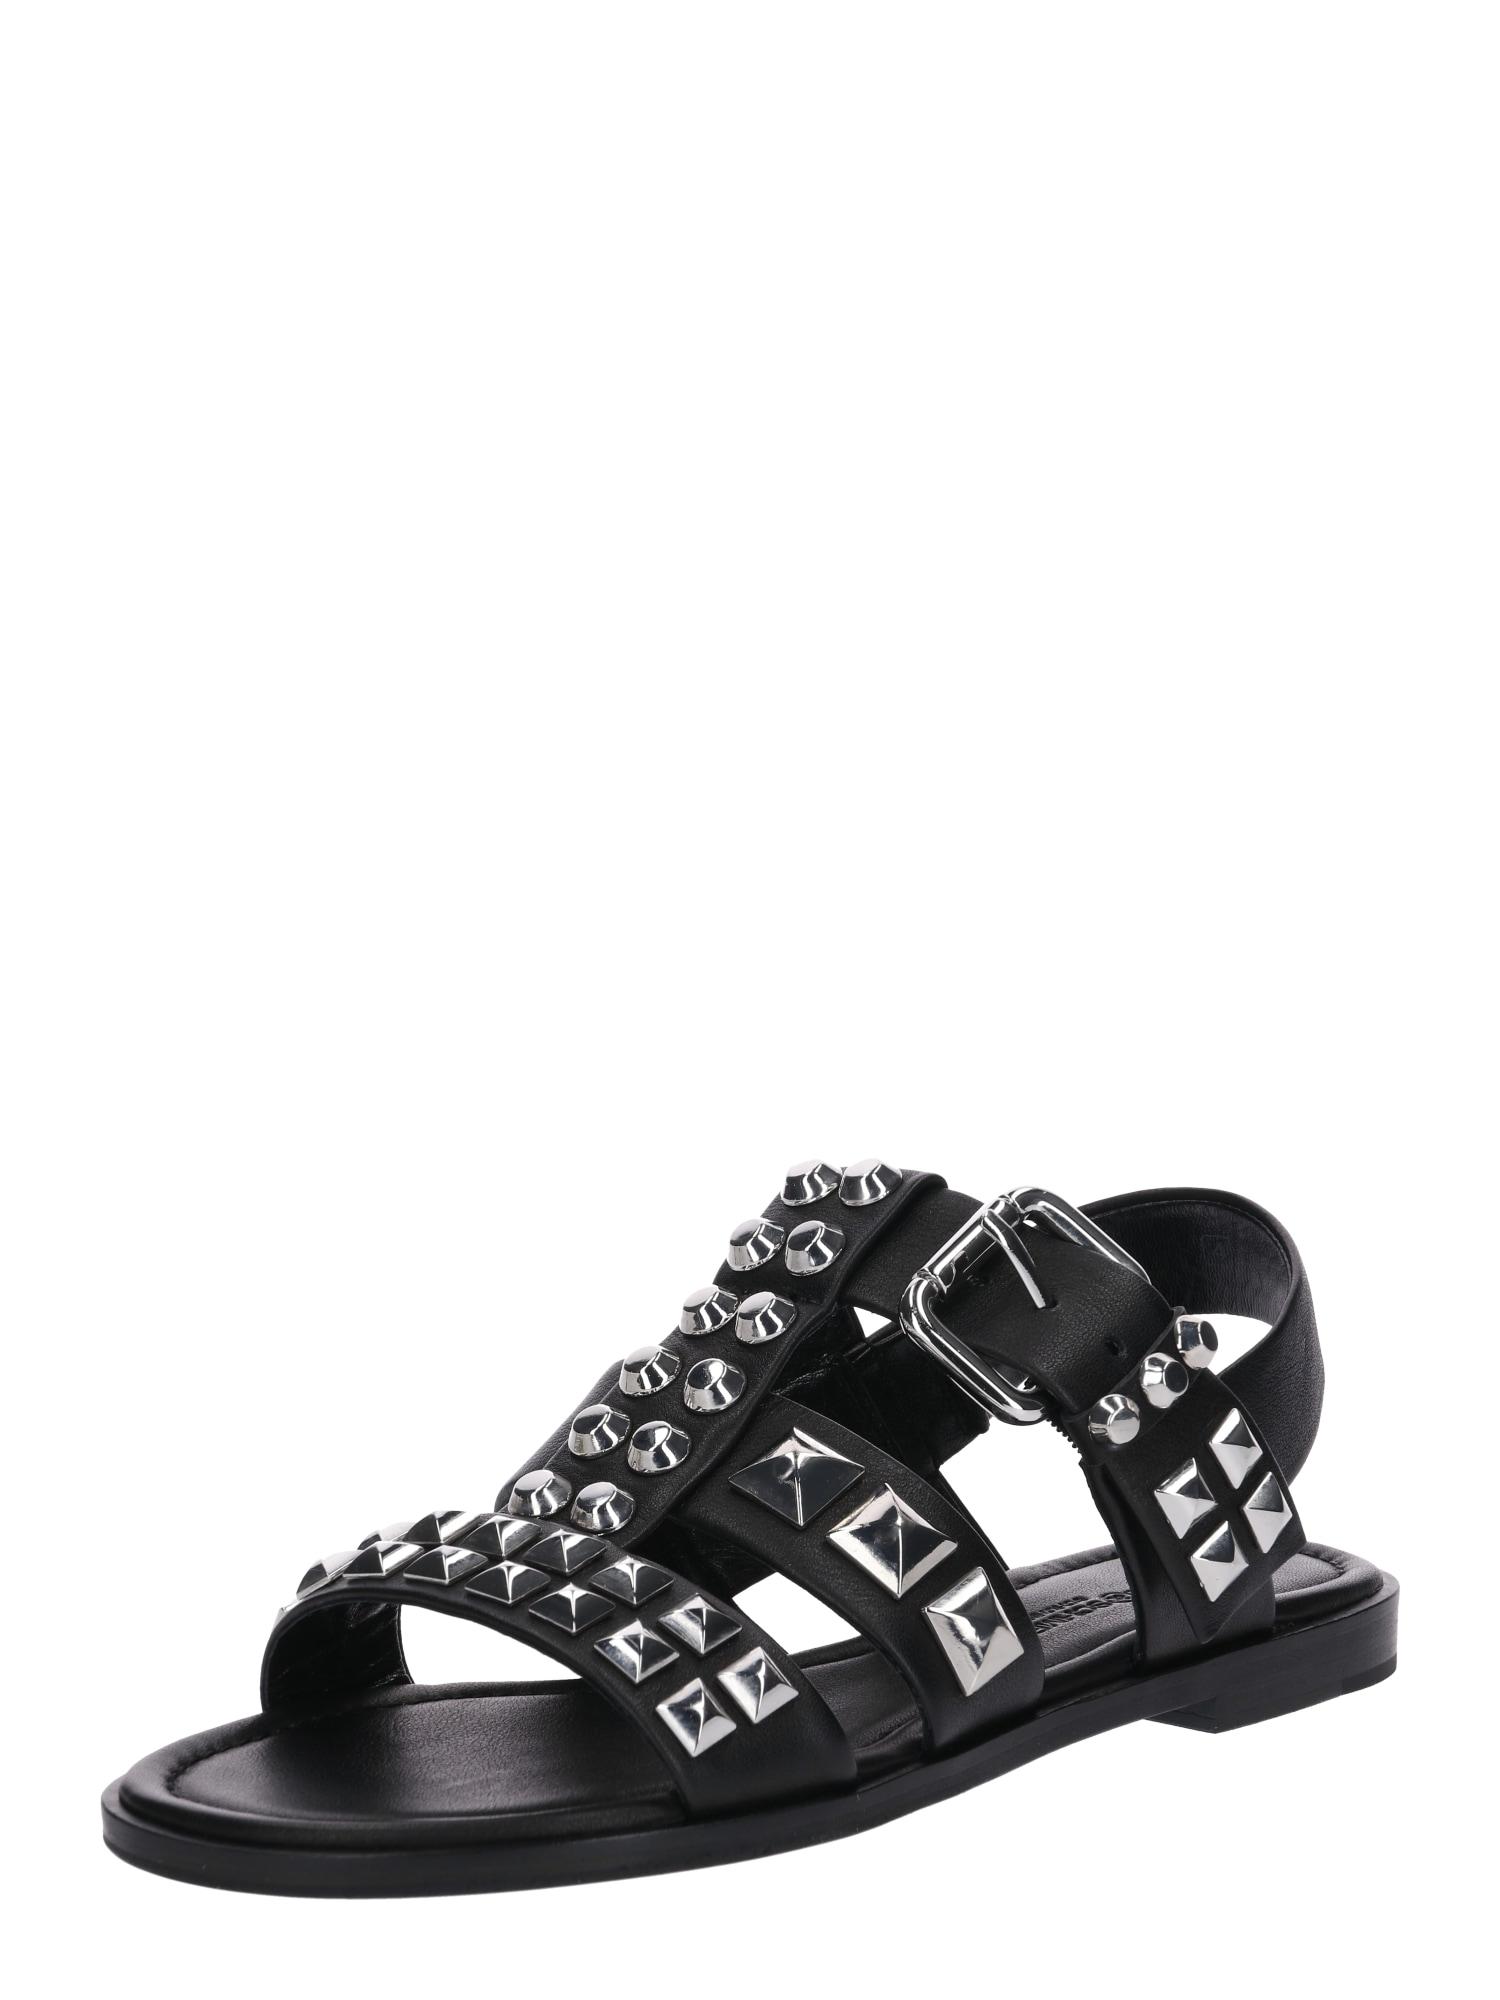 Sandály Kito černá stříbrná Kennel & Schmenger